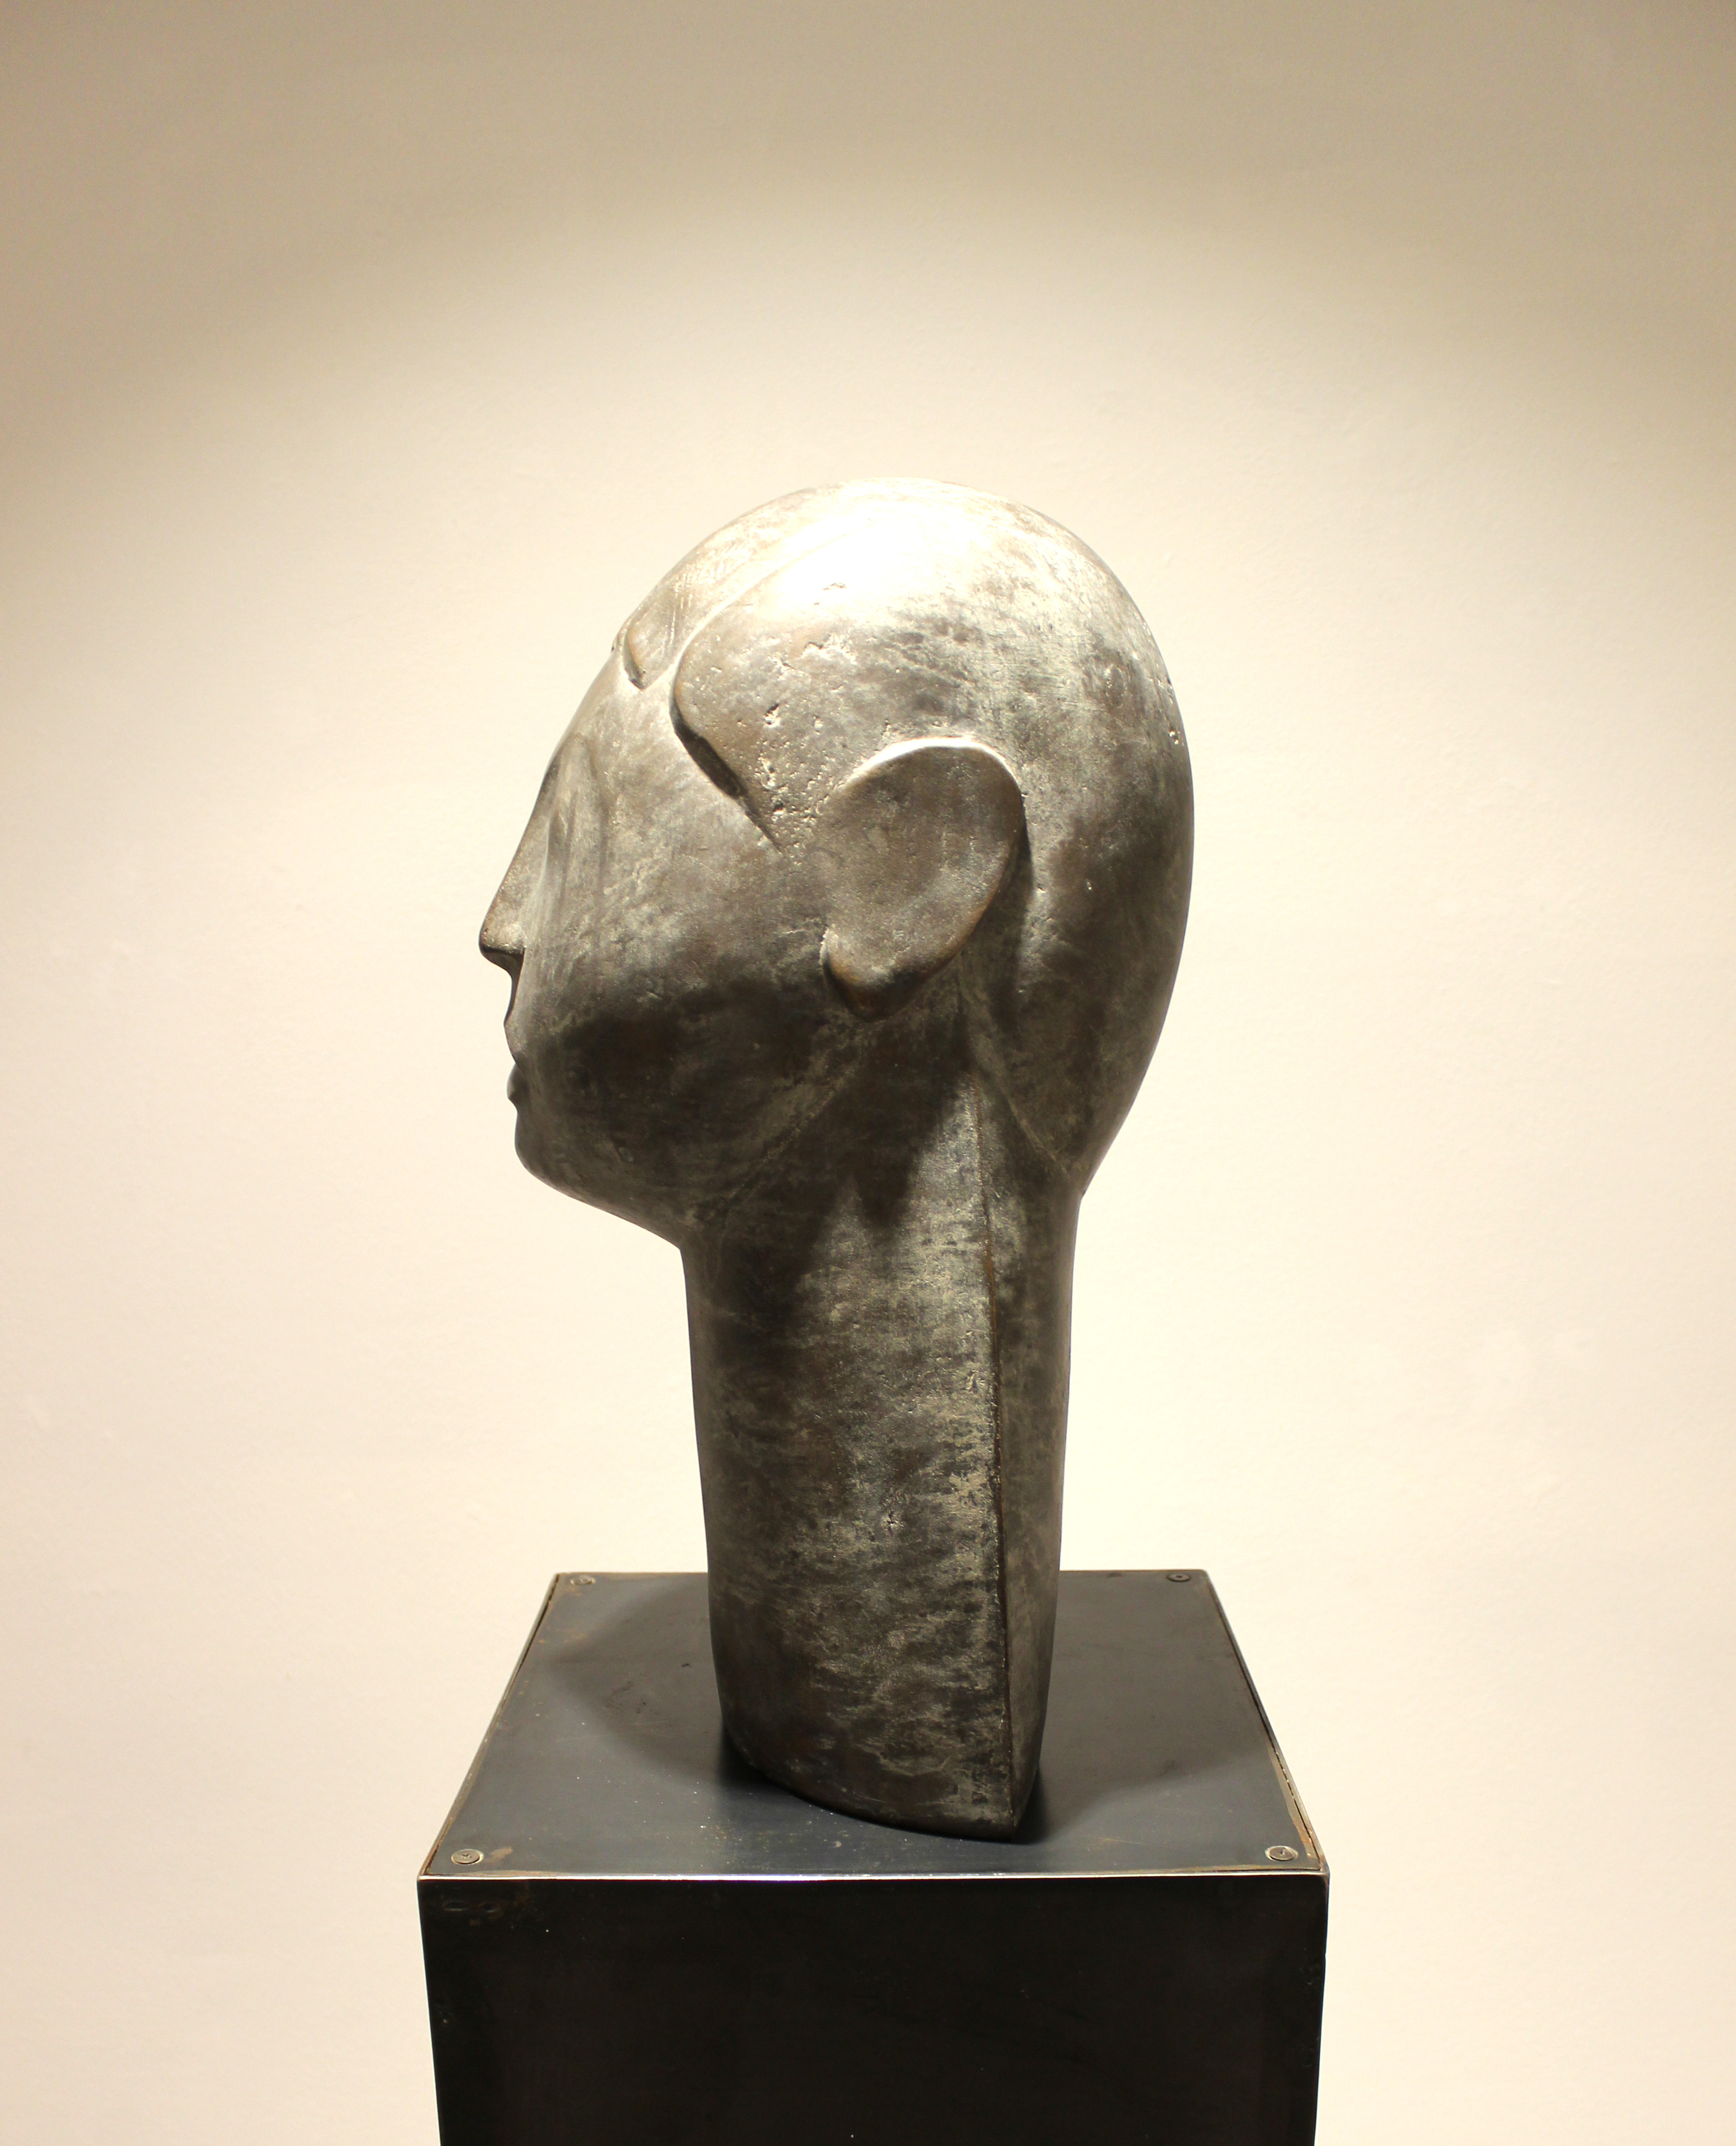 Kopf mit großem Hals